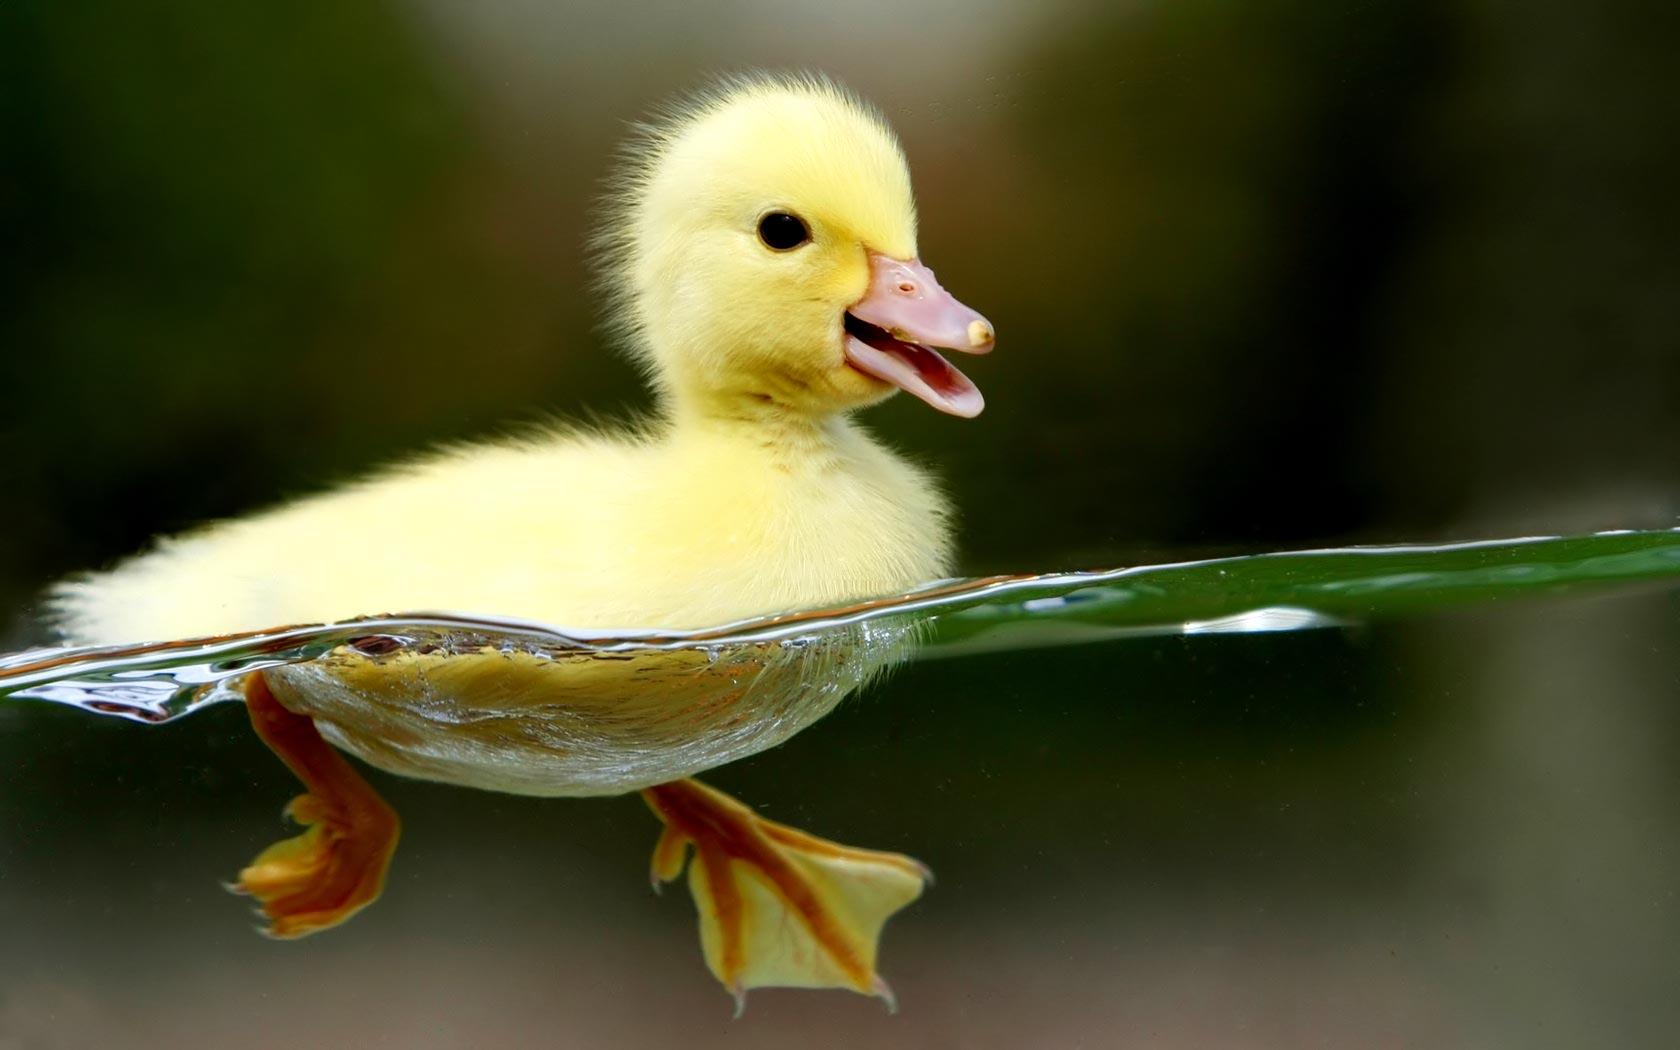 Adorable Duckling